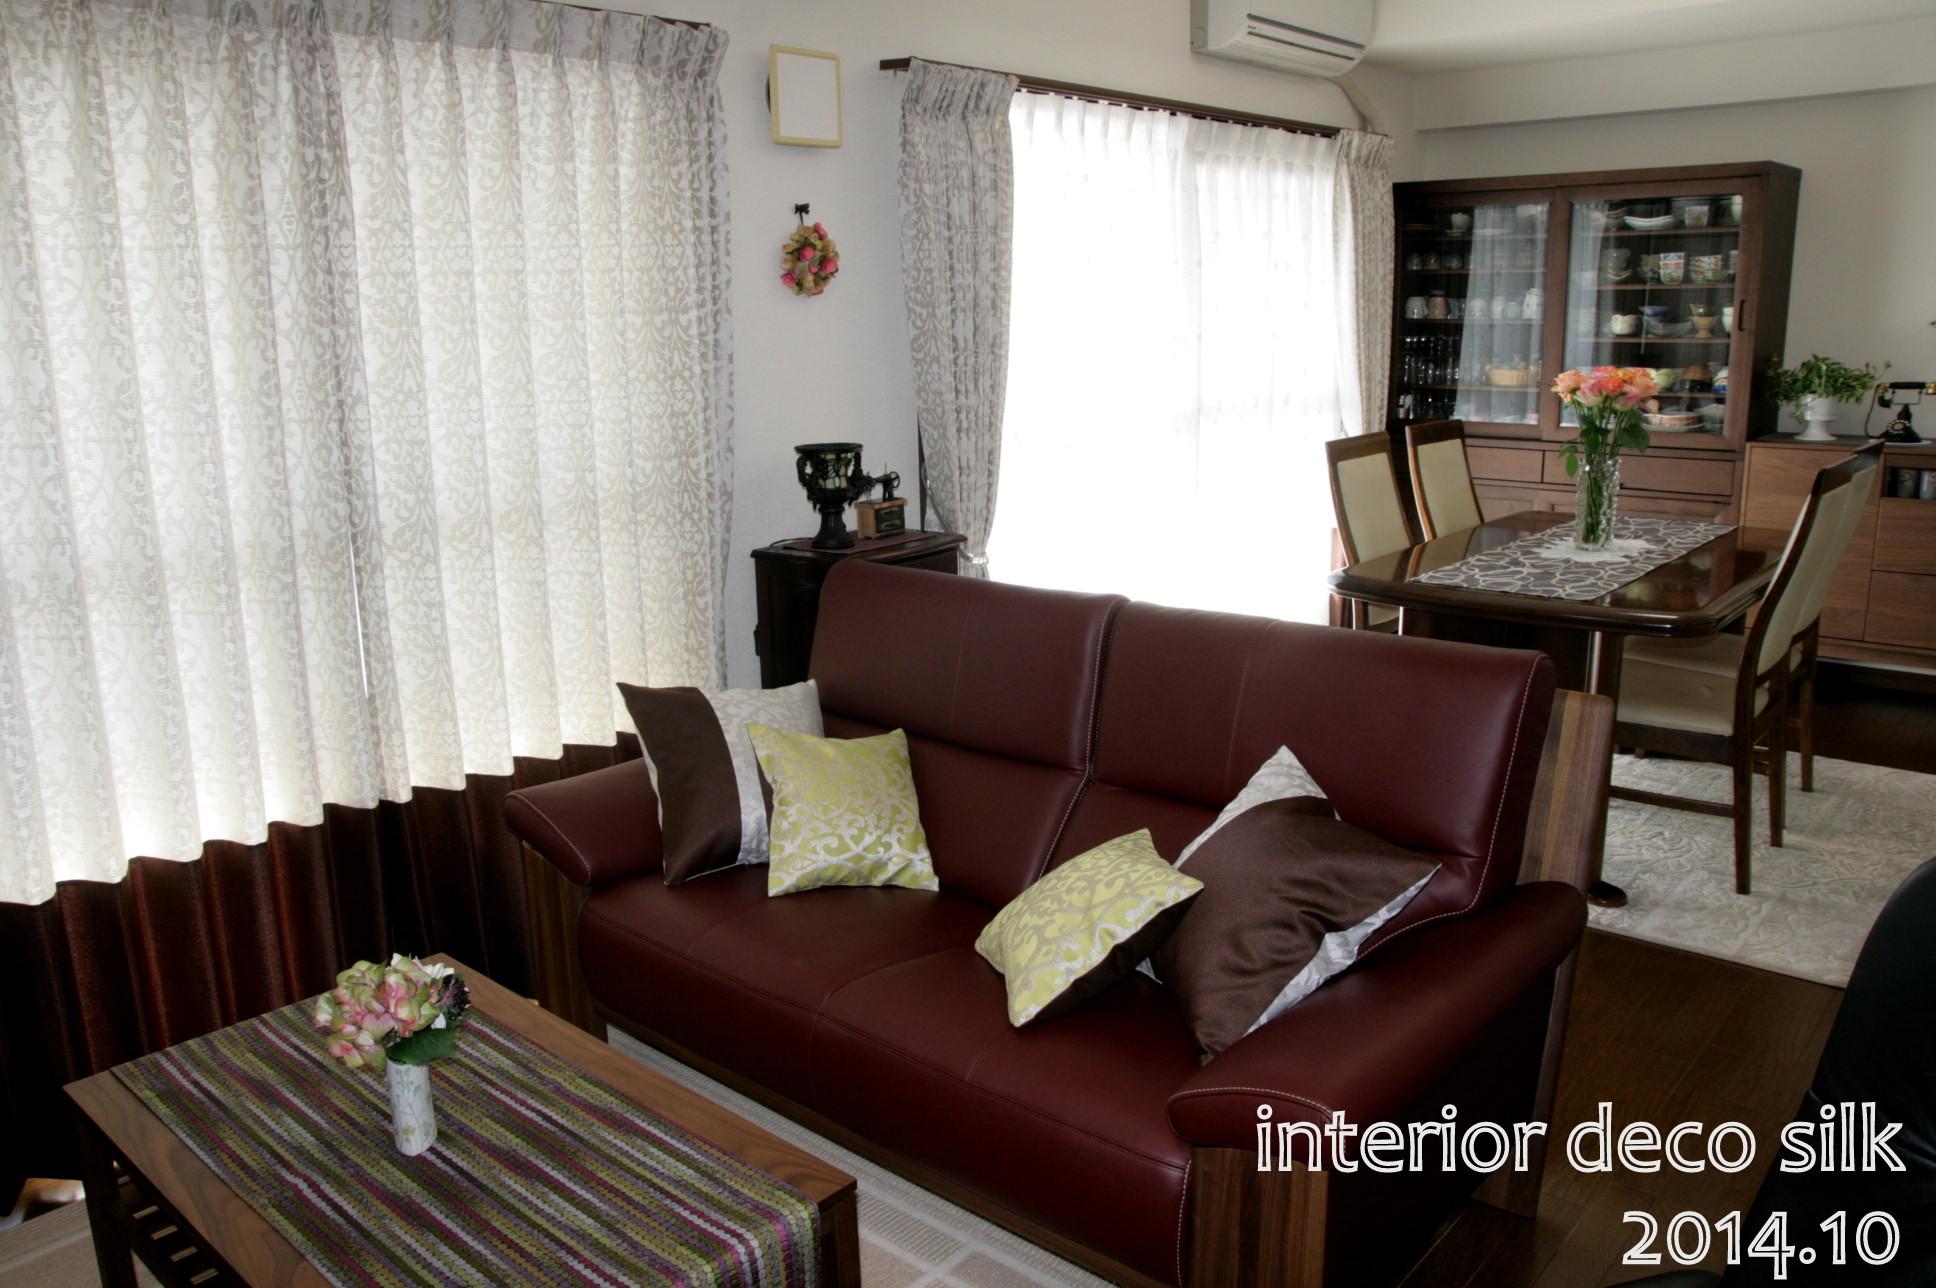 アンティーク家具とクラシックモダンカーテン